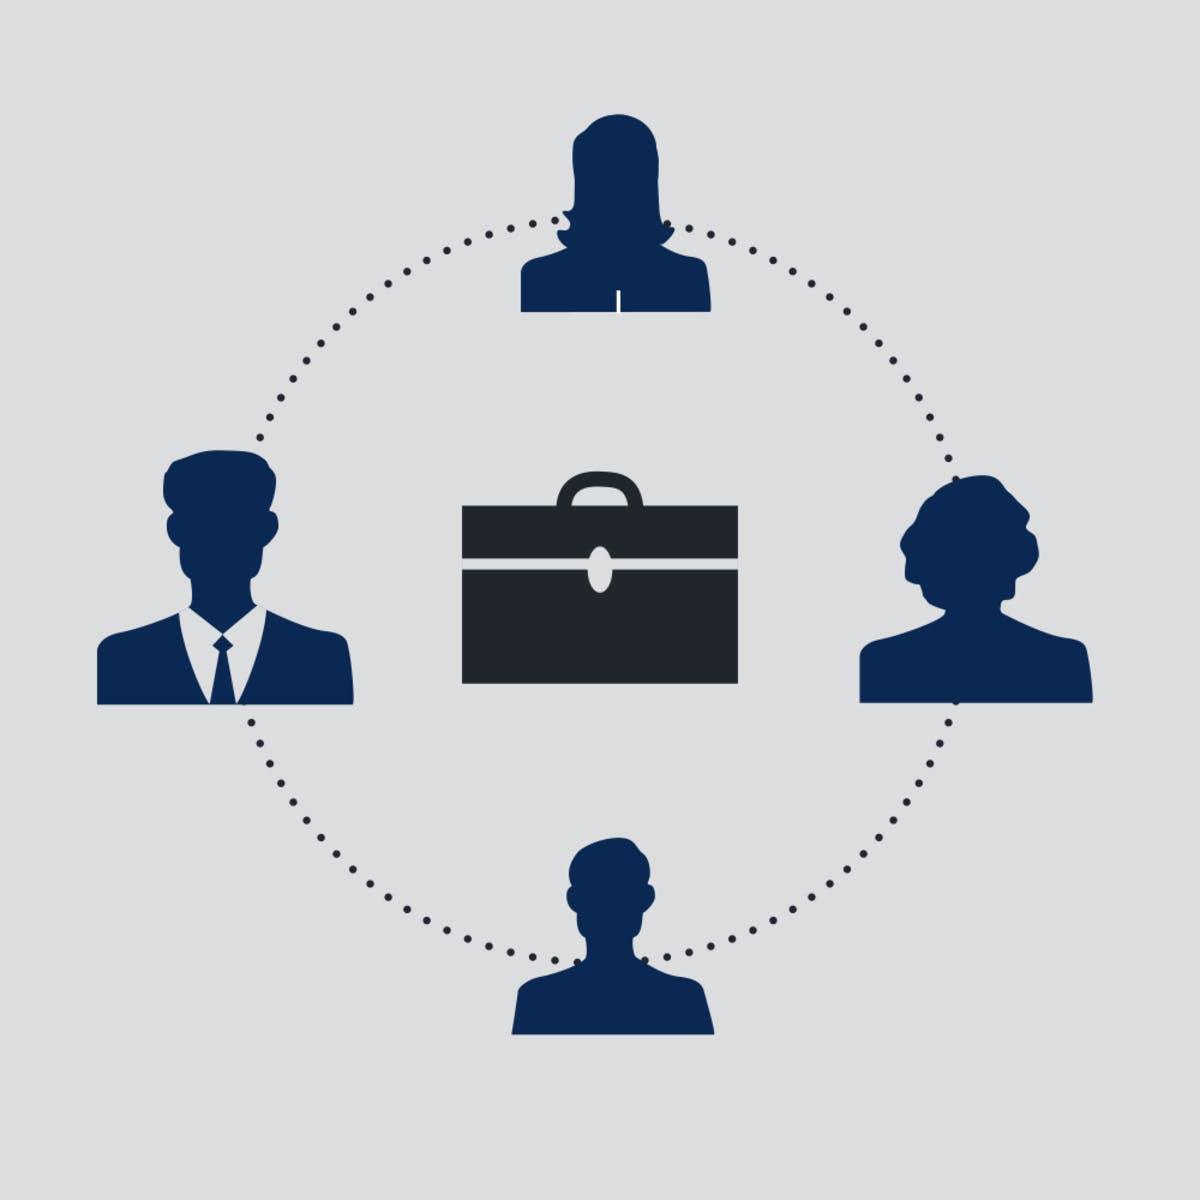 Modelos de empresa familiar: del capitán al grupo inversor